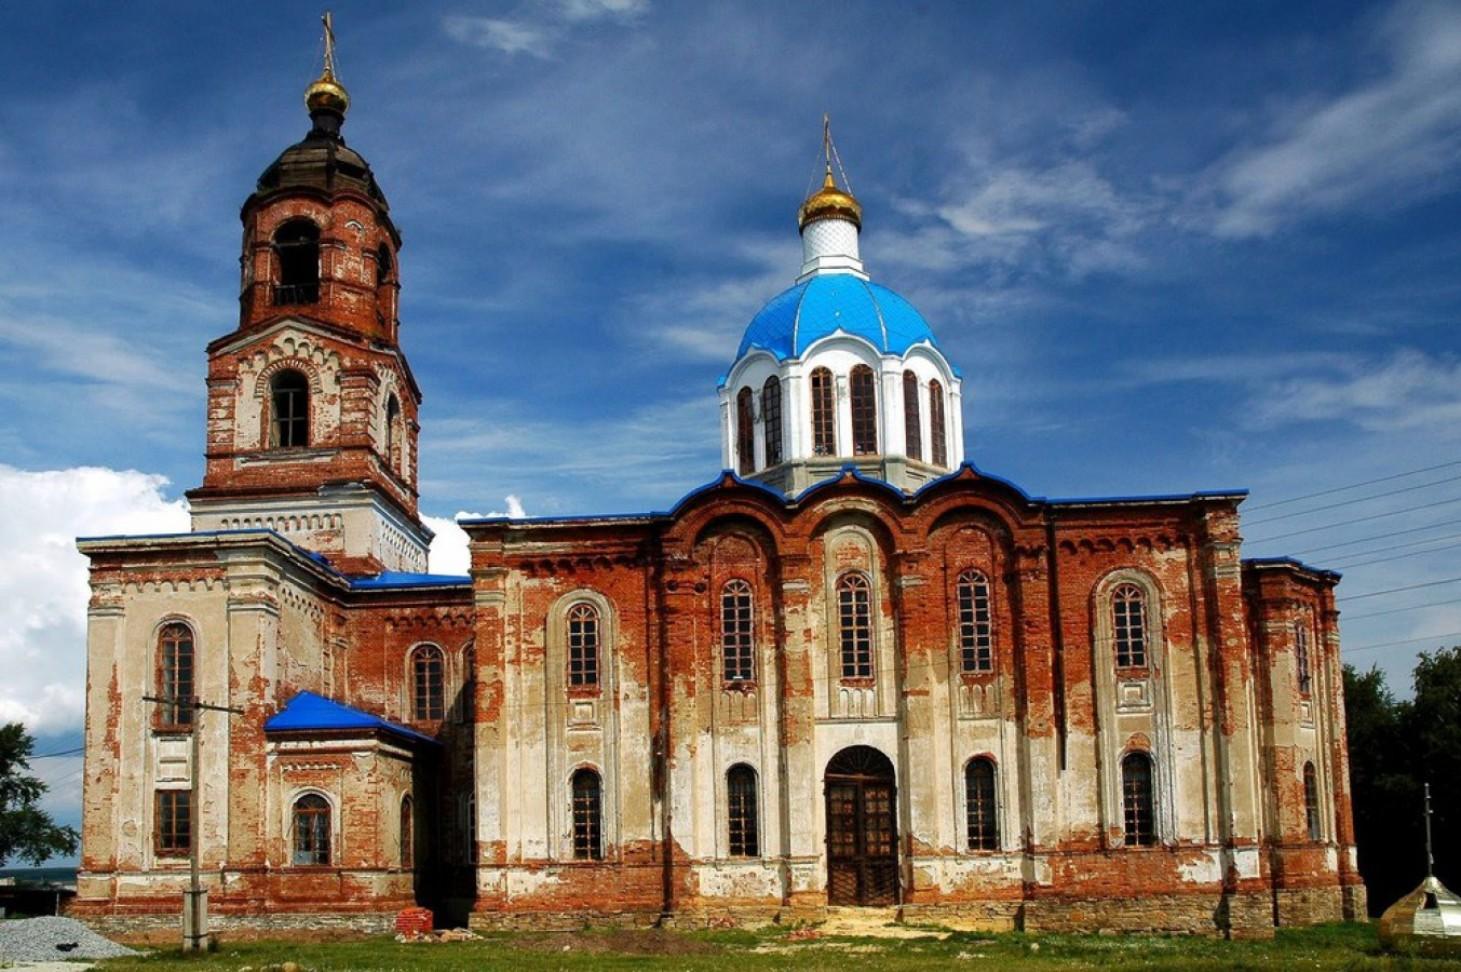 Село Губернское. Церковь Тихвинской иконы Божьей Матери